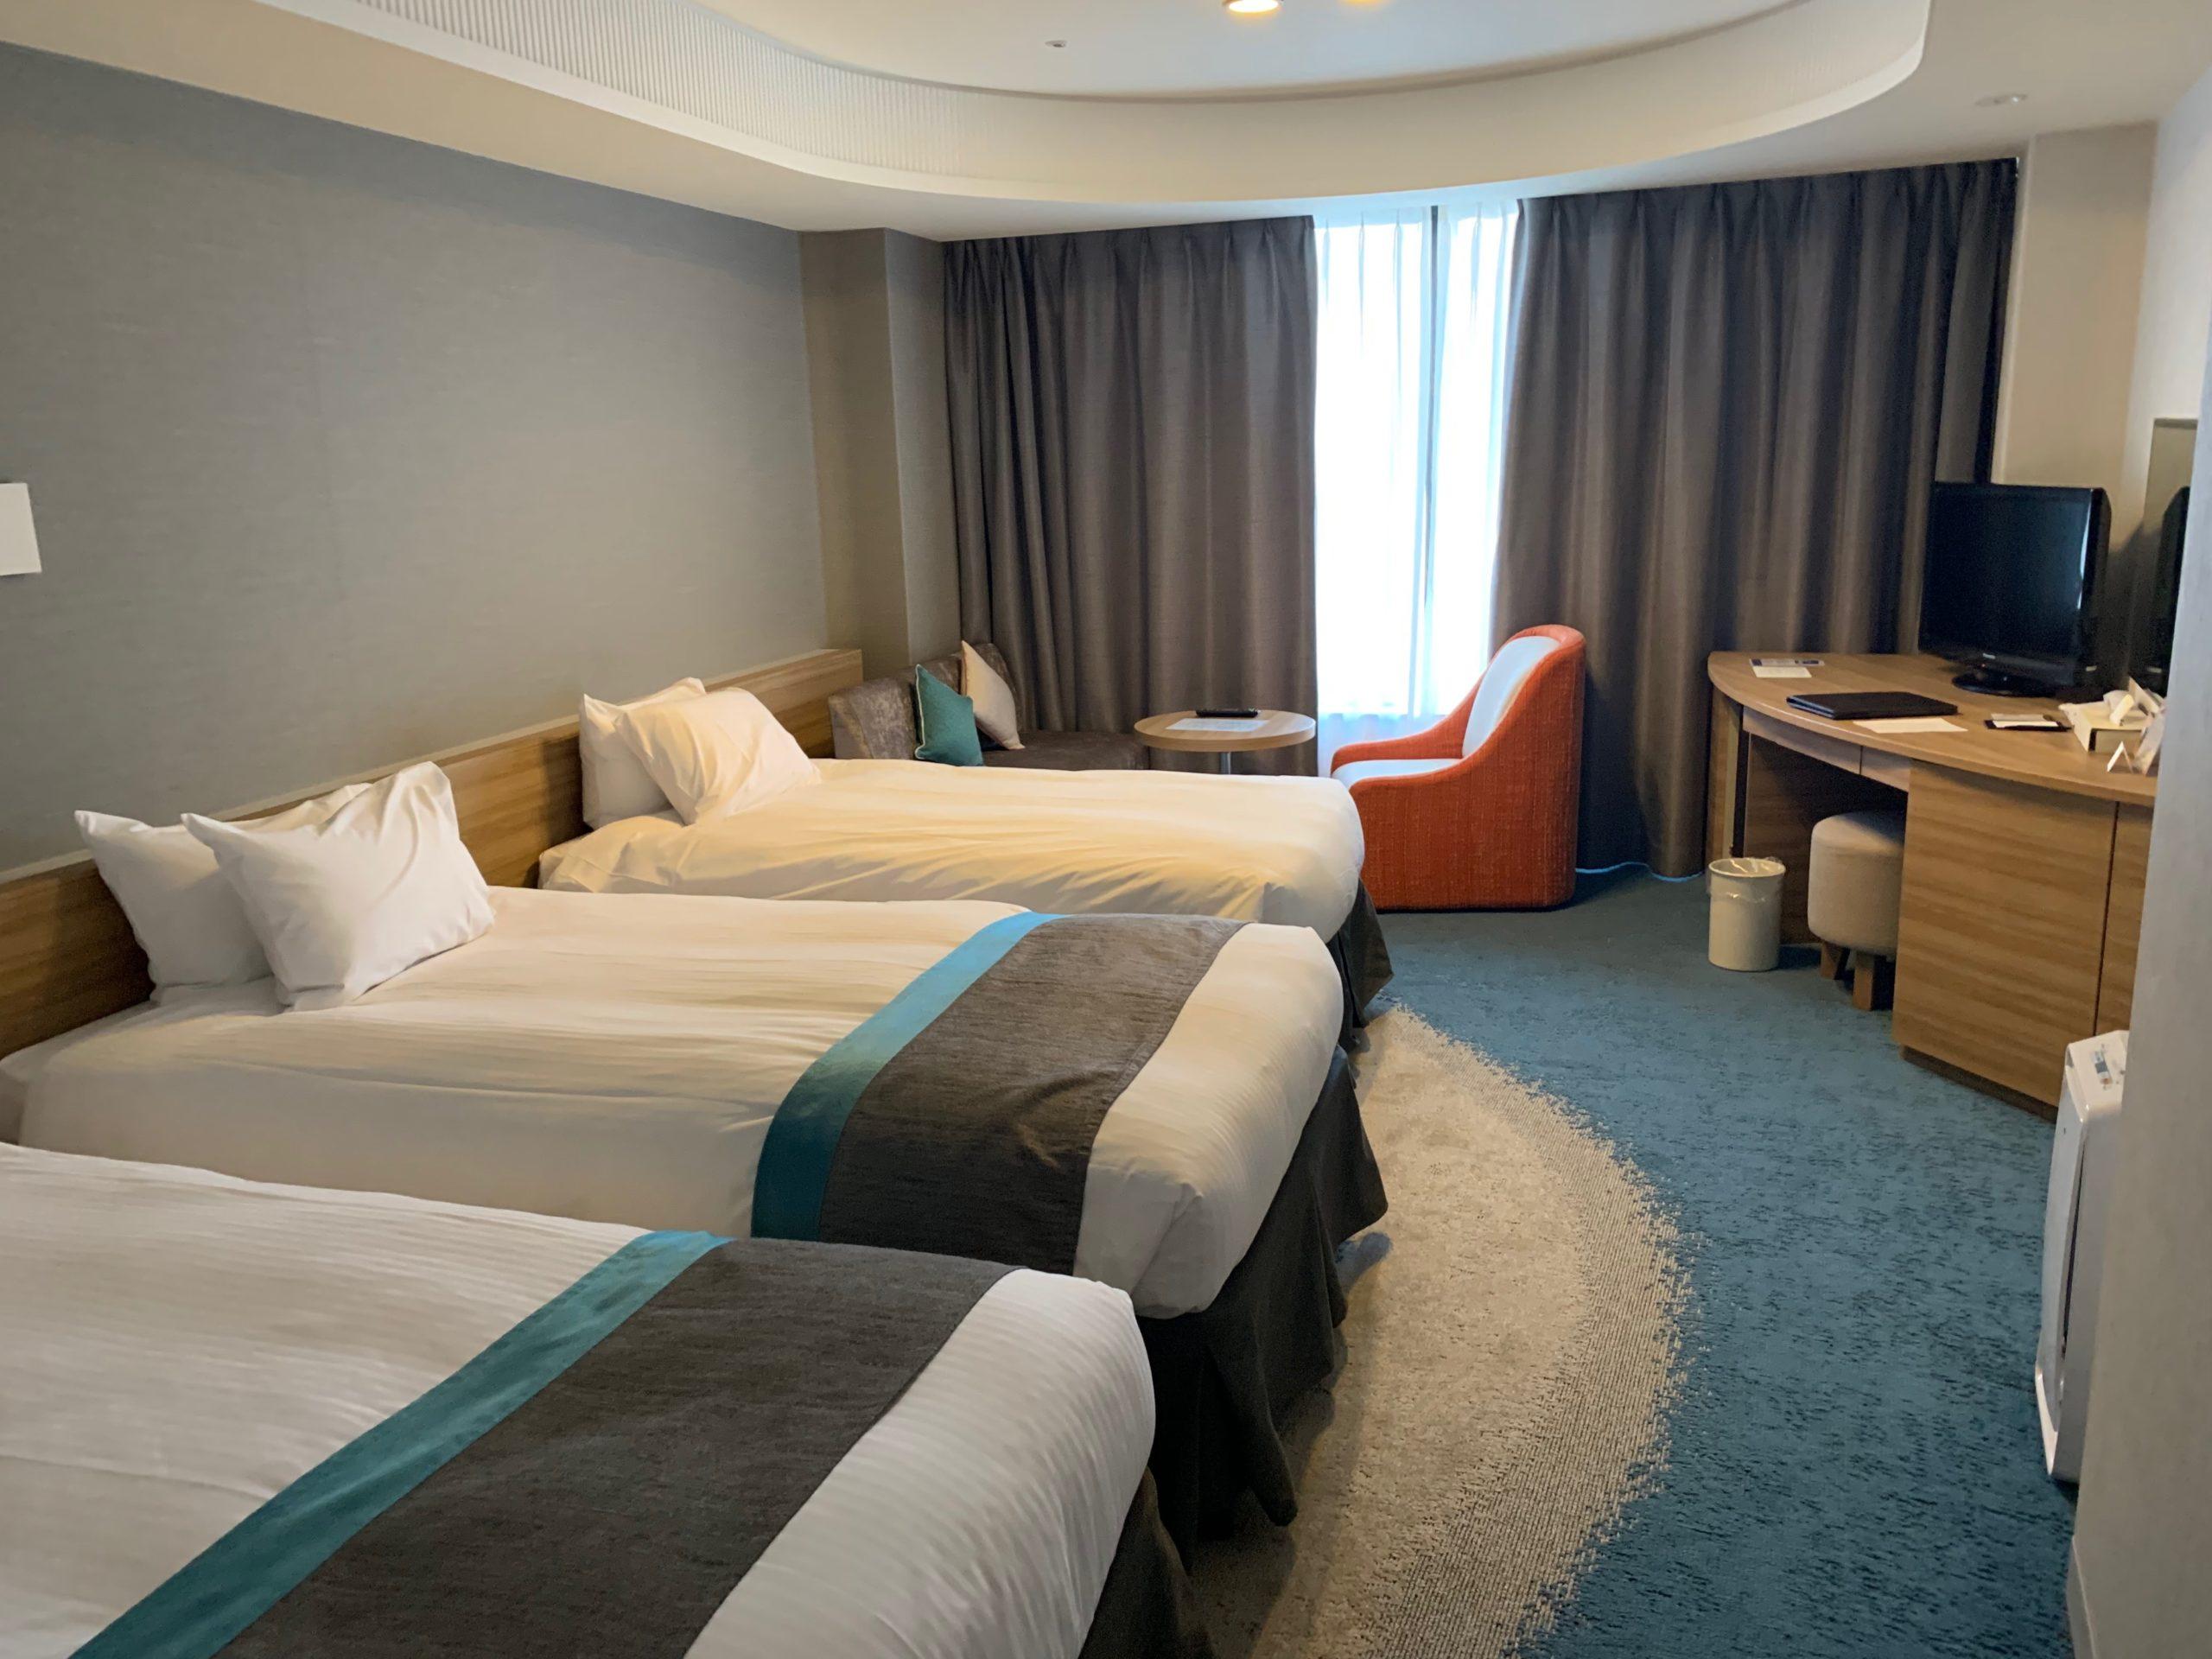 びわ湖大津プリンスホテルのトリプルルームの客室内の様子